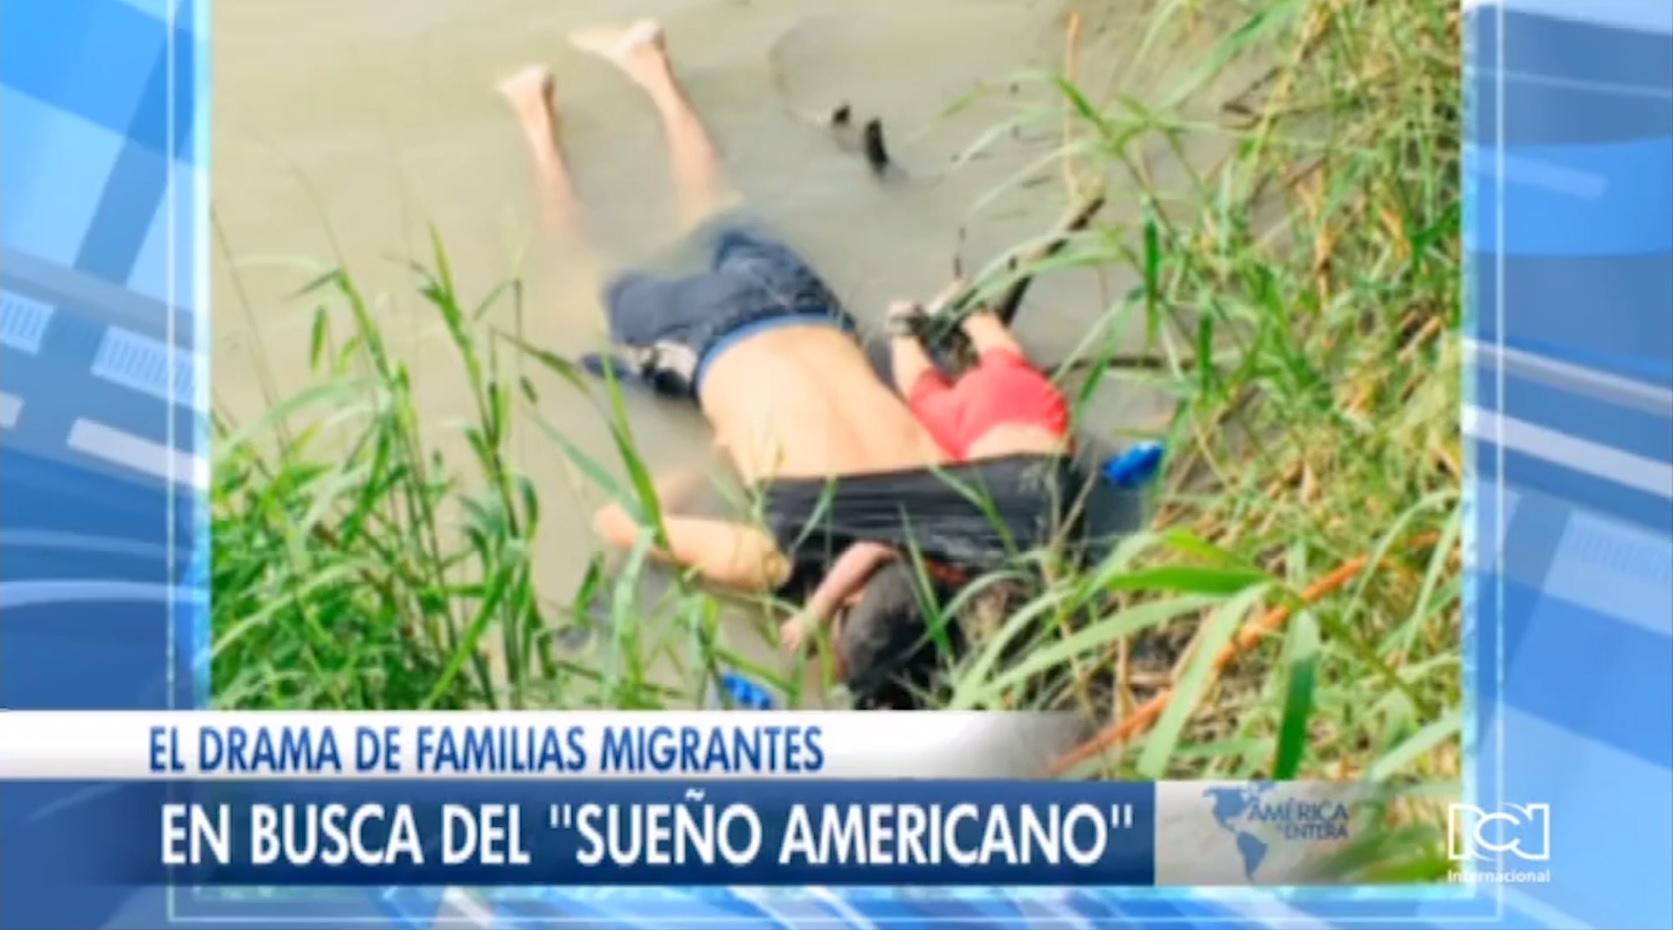 padre-migrante-ahogado-junto-a-su-hija.jpg